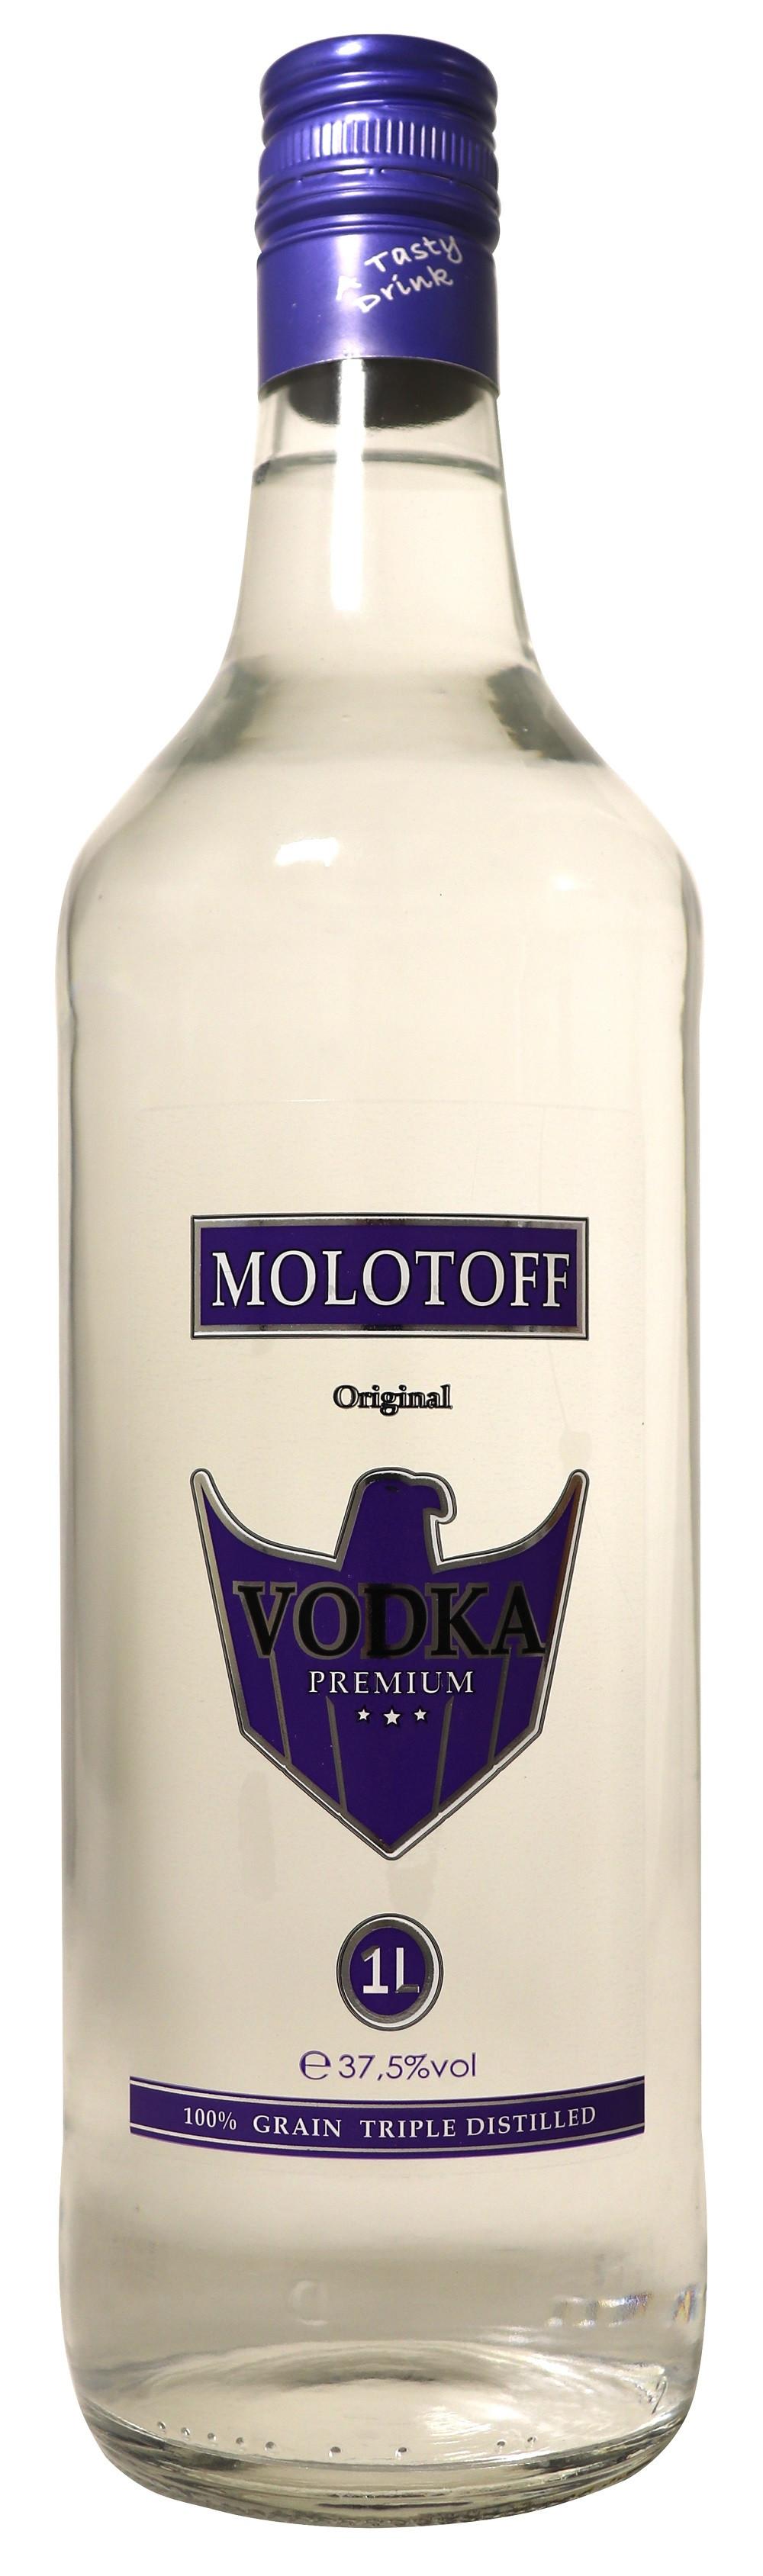 Vodka gdc 1l 37.5%